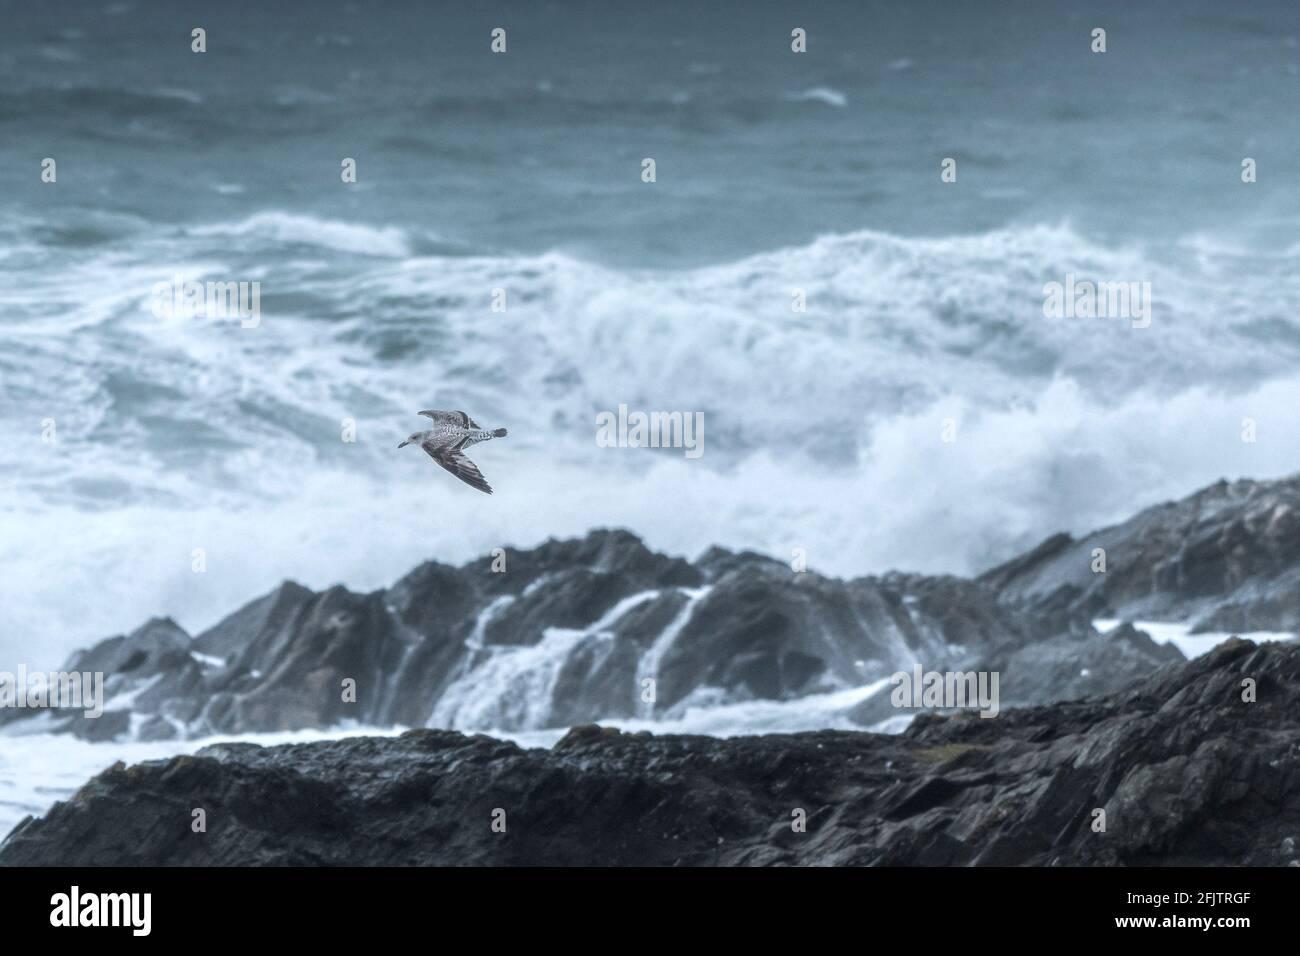 Un jeune mouette volant au-dessus de la mer et des rochers sur la côte à Newquay, dans les Cornouailles. Banque D'Images